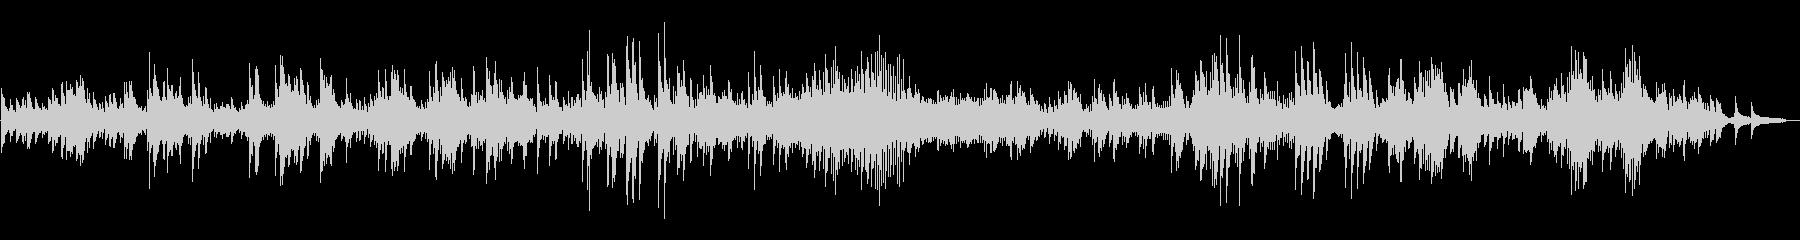 ピアノソロ、ベートーヴェンの月光の未再生の波形